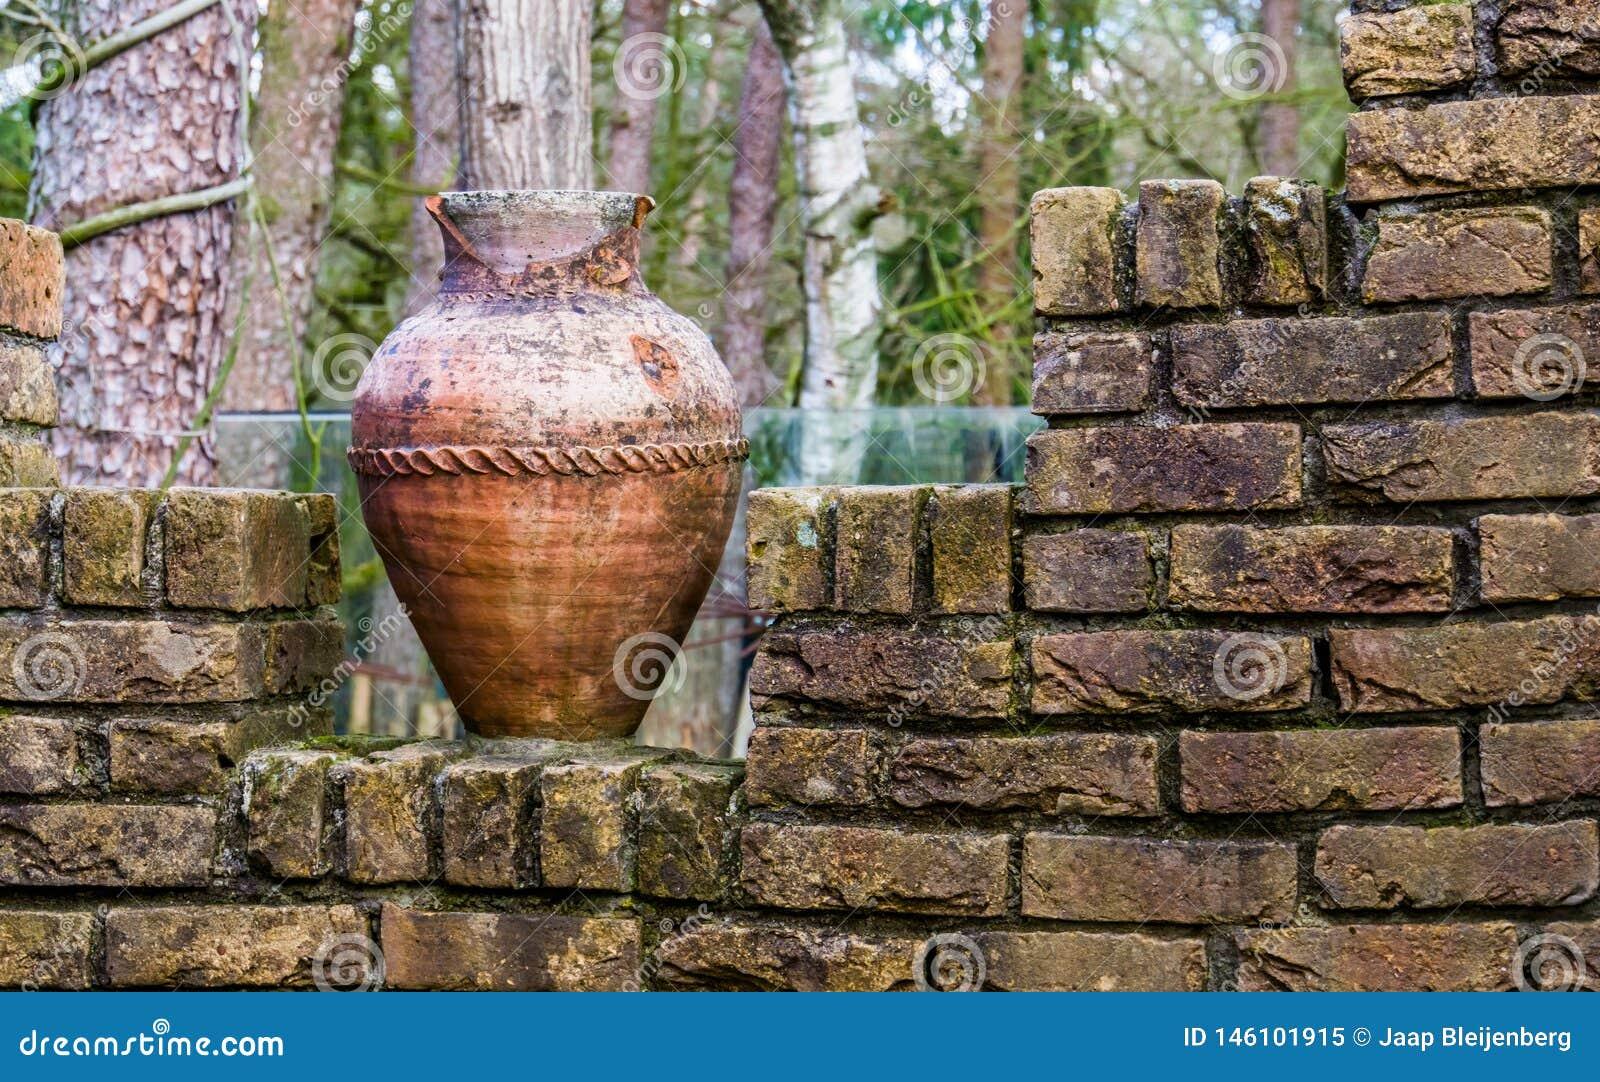 Vaso romano lascado velho em uma parede de tijolo, em umas decorações exteriores do jardim e em uma arquitetura